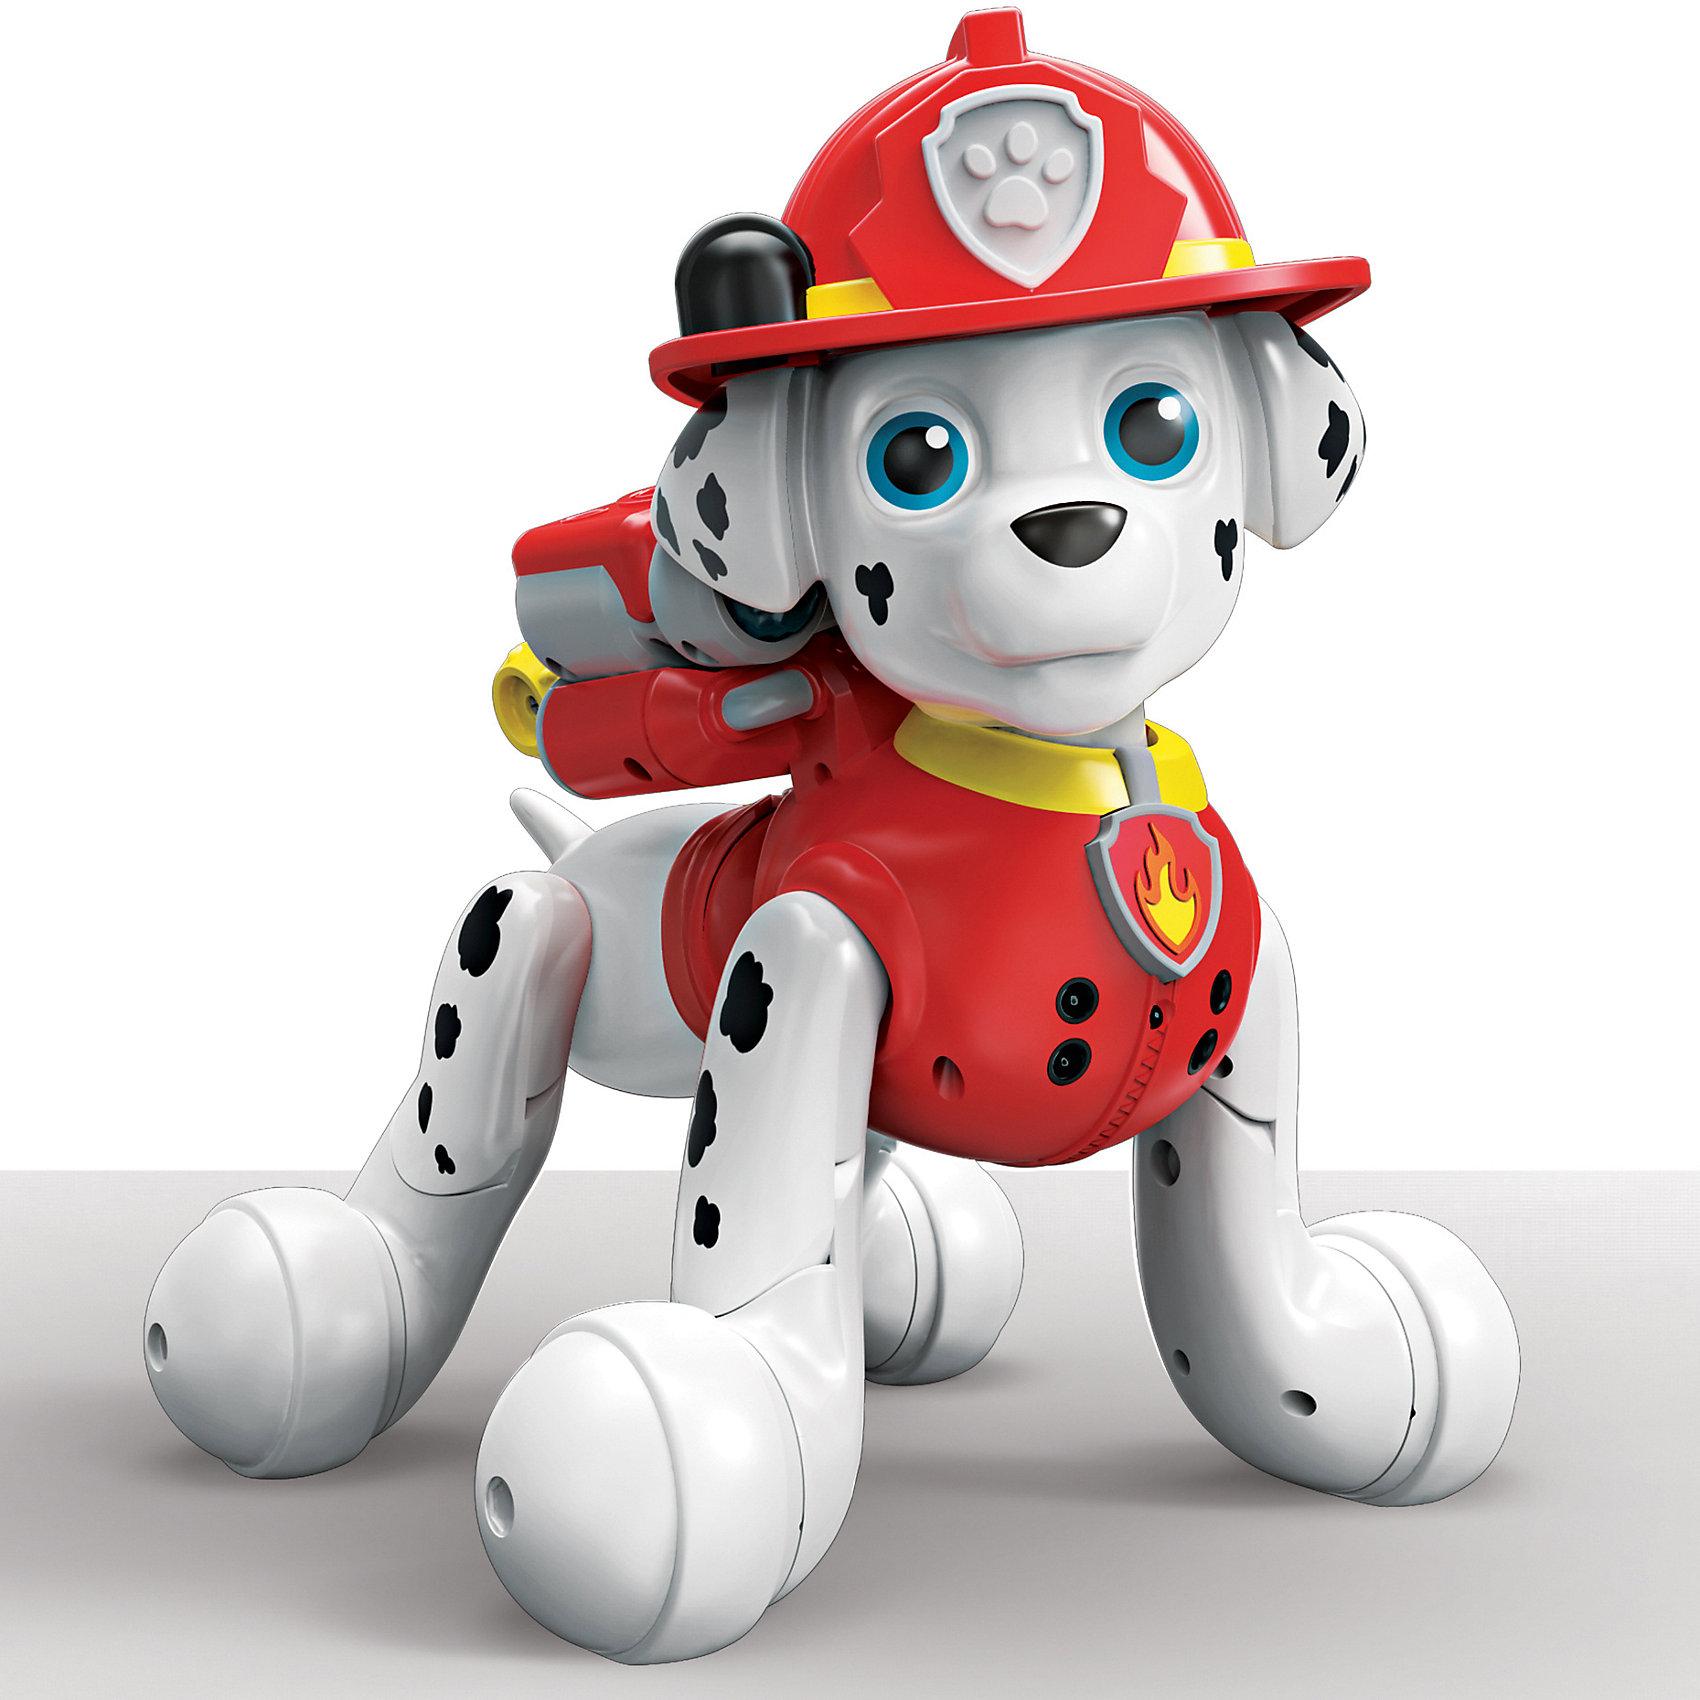 Интерактивная игрушка Маршал, ZoomerХарактеристики товара:<br><br>- цвет: разноцветный;<br>- материал: пластик;<br>- особенности: интерактивная;<br>- размер упаковки: 25х11х20 см.<br><br>Такой интерактивный щенок не оставит ребенка равнодушным! Какой малыш откажется поиграть с щенком-игрушкой в виде любимого героя из мультфильма?! Игрушка отлично детализирована, очень качественно выполнена, поэтому она станет отличным подарком ребенку. Она имеет два режима работы - «Щенок» (произносит 40 наиболее часто употребляемых в мультфильме фраз, функция активизируется нажатием на голову щенка). Второй режим включается нажатием на бейджик спасателя, расположенный на ошейнике (произносит более 120 звуков и фраз, поет песни из мультфильма, танцует, считает, отыгрывает несколько самых известных сюжетов мультфильма.<br>Изделие произведено из высококачественного материала, безопасного для детей.<br><br>Интерактивную игрушку Маршал от бренда Zoomer можно купить в нашем интернет-магазине.<br><br>Ширина мм: 370<br>Глубина мм: 330<br>Высота мм: 250<br>Вес г: 2000<br>Возраст от месяцев: 48<br>Возраст до месяцев: 2147483647<br>Пол: Унисекс<br>Возраст: Детский<br>SKU: 5051998